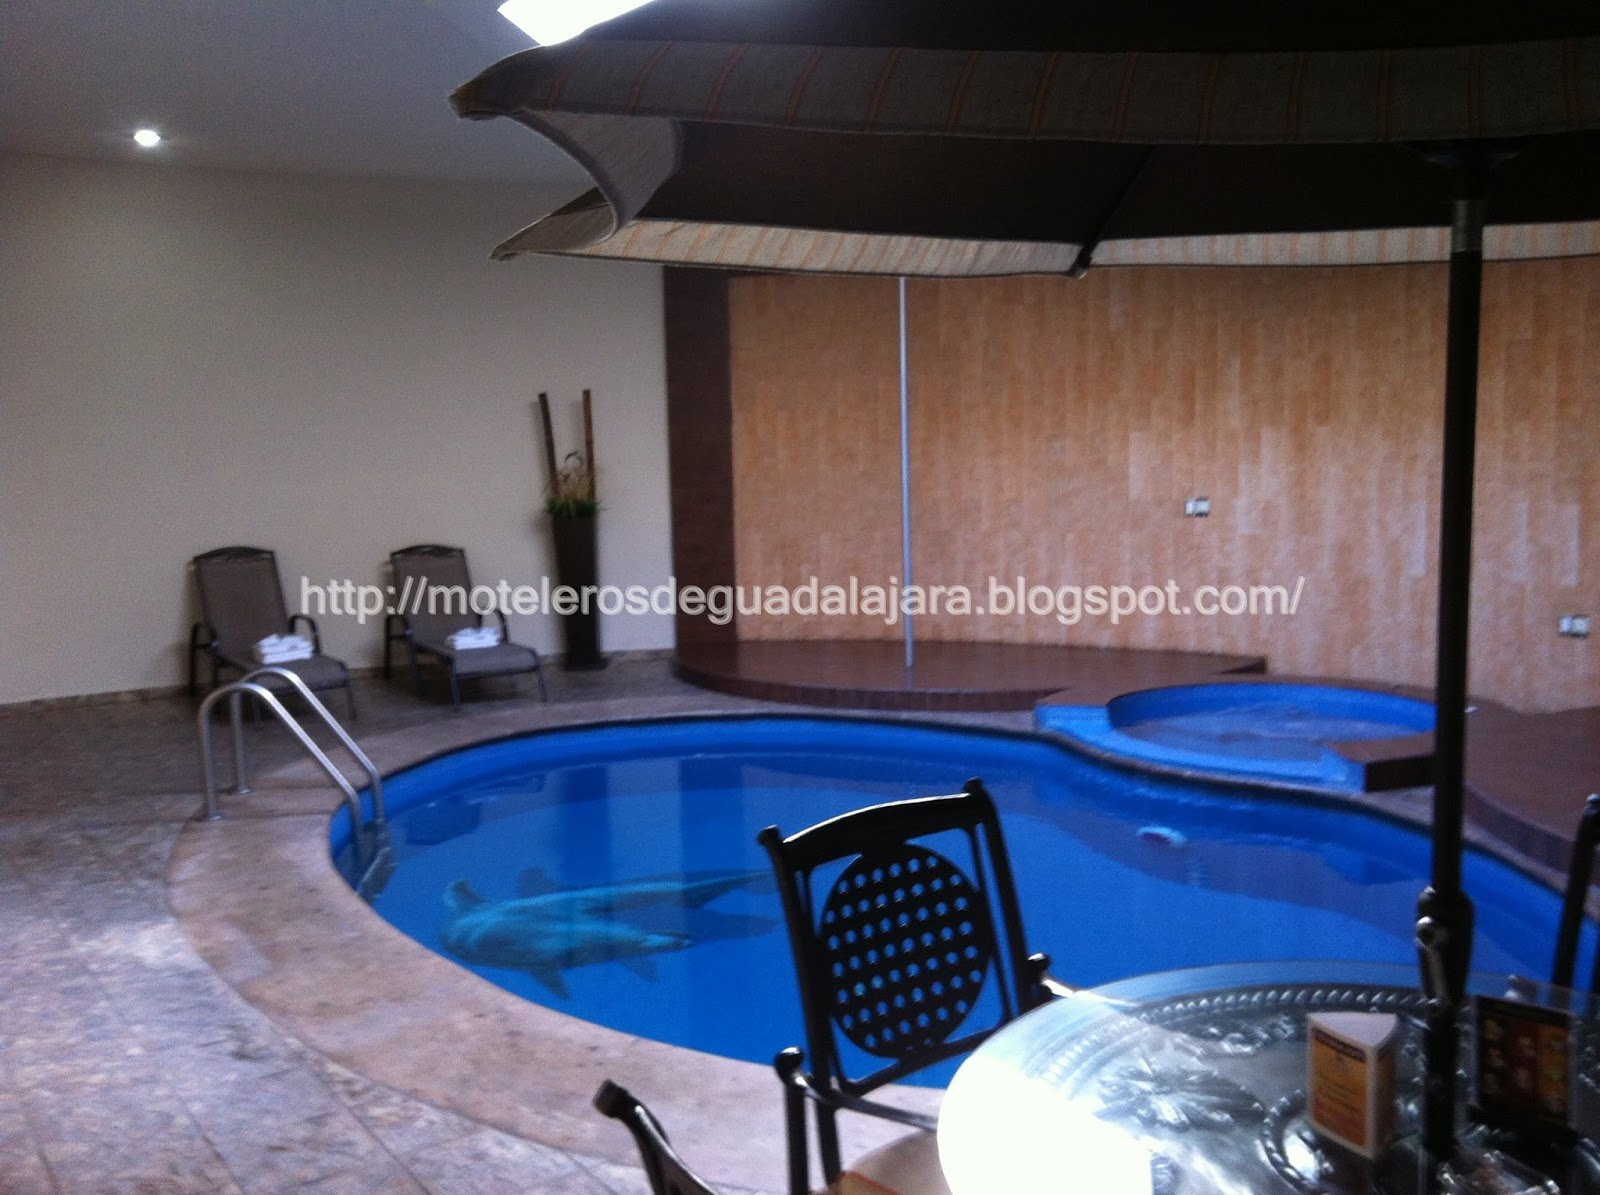 Moteleros de guadalajara motel gaudi suites villas alberca for Motel con piscina privada